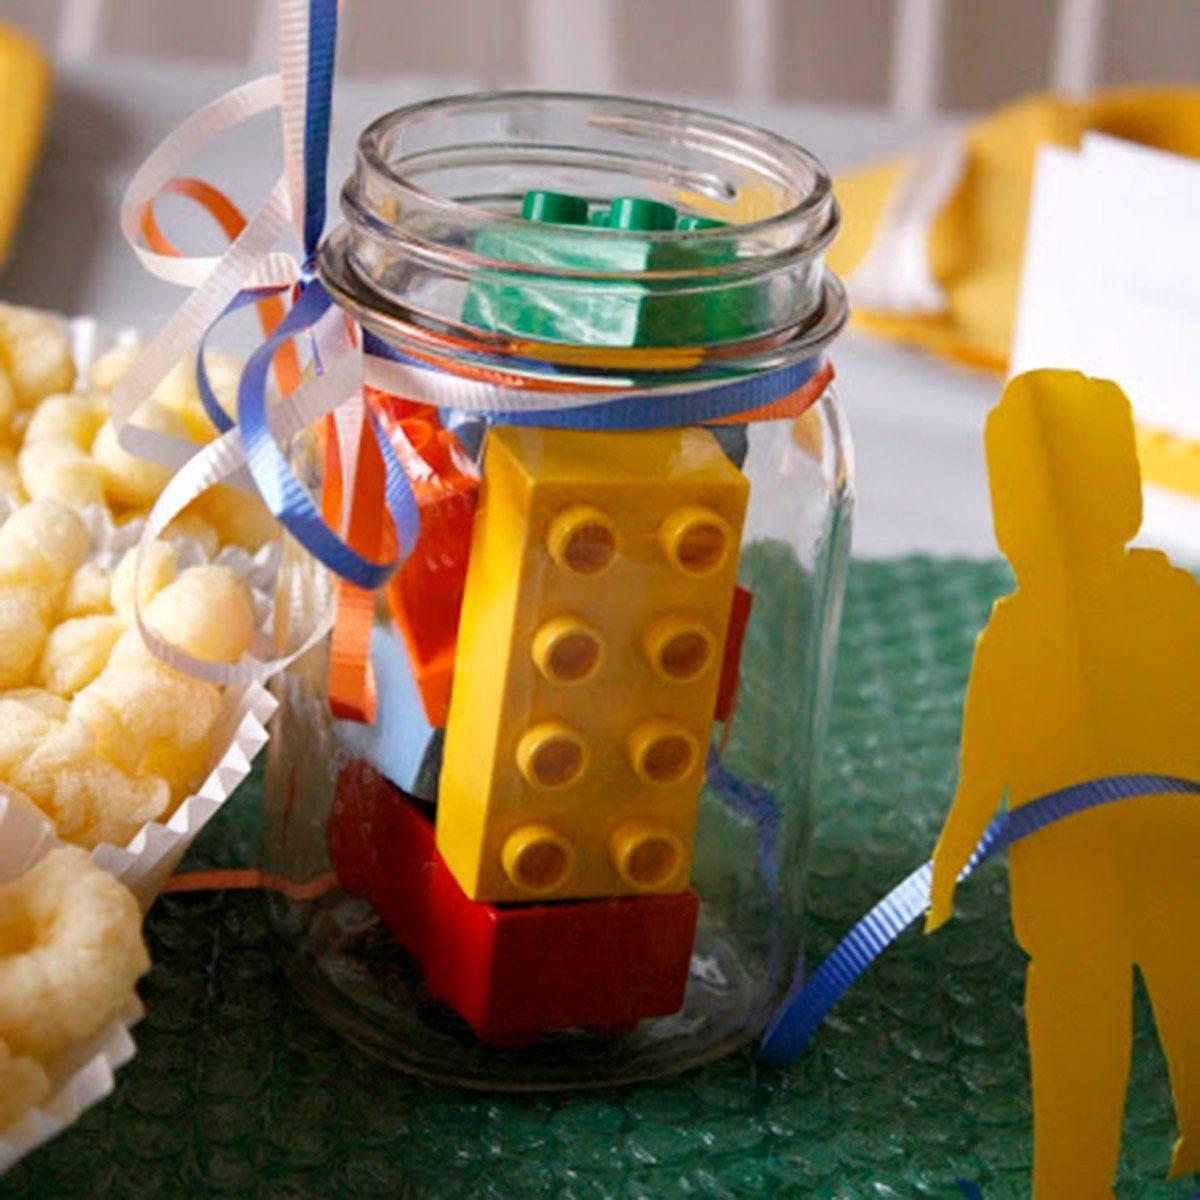 Cómo decorar fiestas infantiles con materiales reciclados Lego